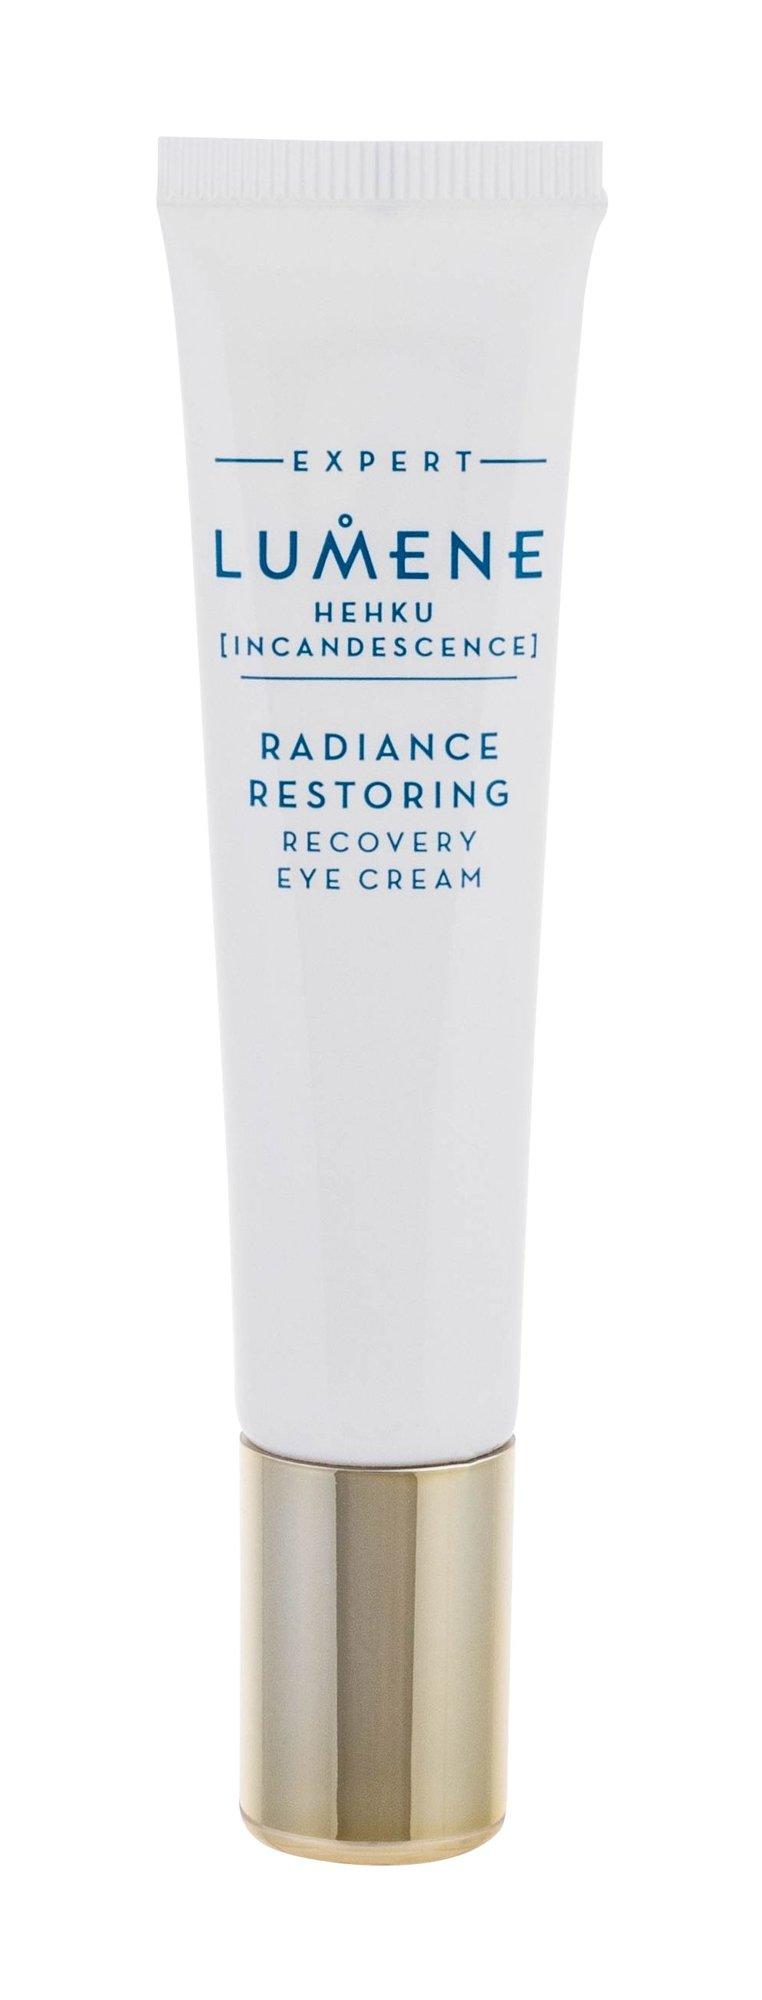 Lumene Hehku Nordic Repair Eye Cream 15ml